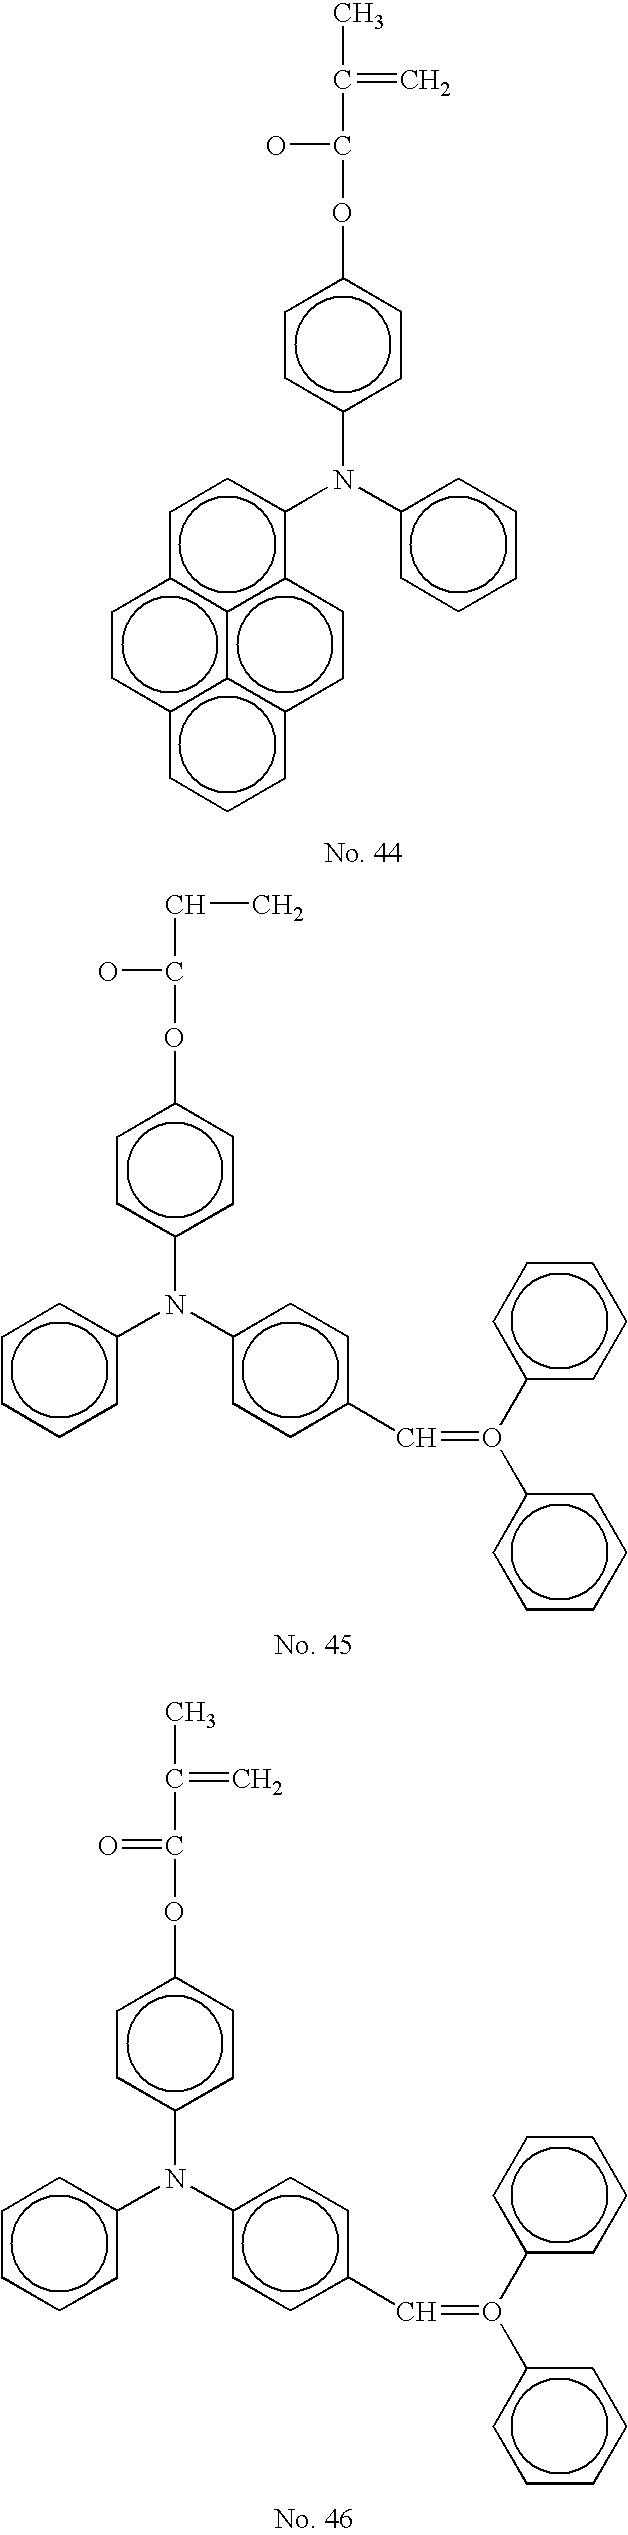 Figure US20070196749A1-20070823-C00017